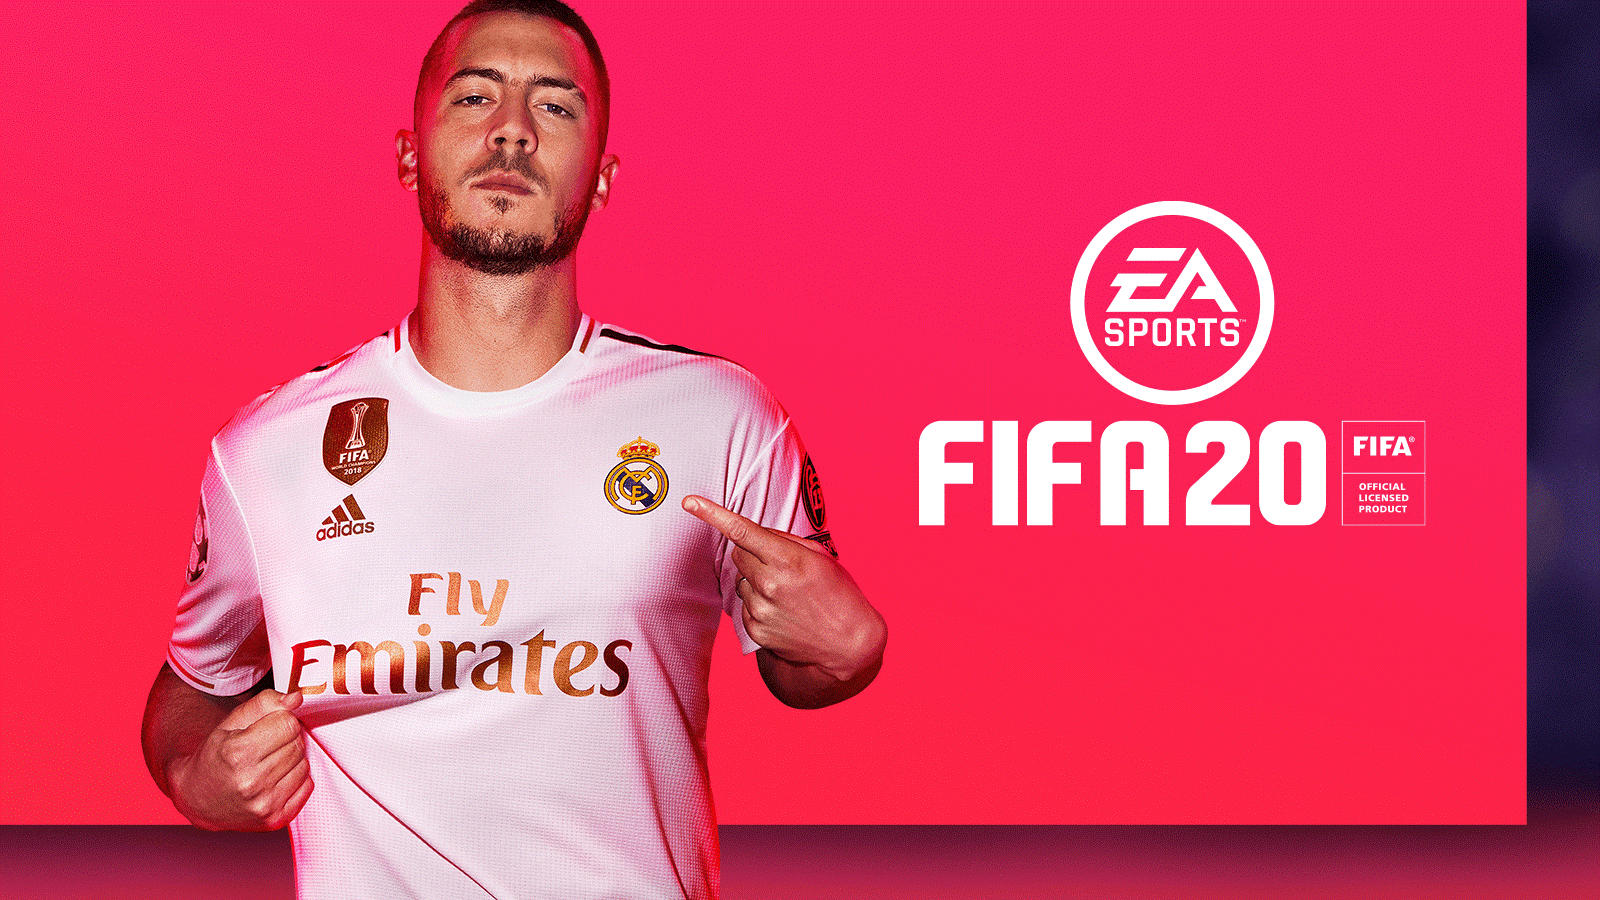 FIFA | FIFA 20 снова вошла в число лидеров рейтинга EMEAA